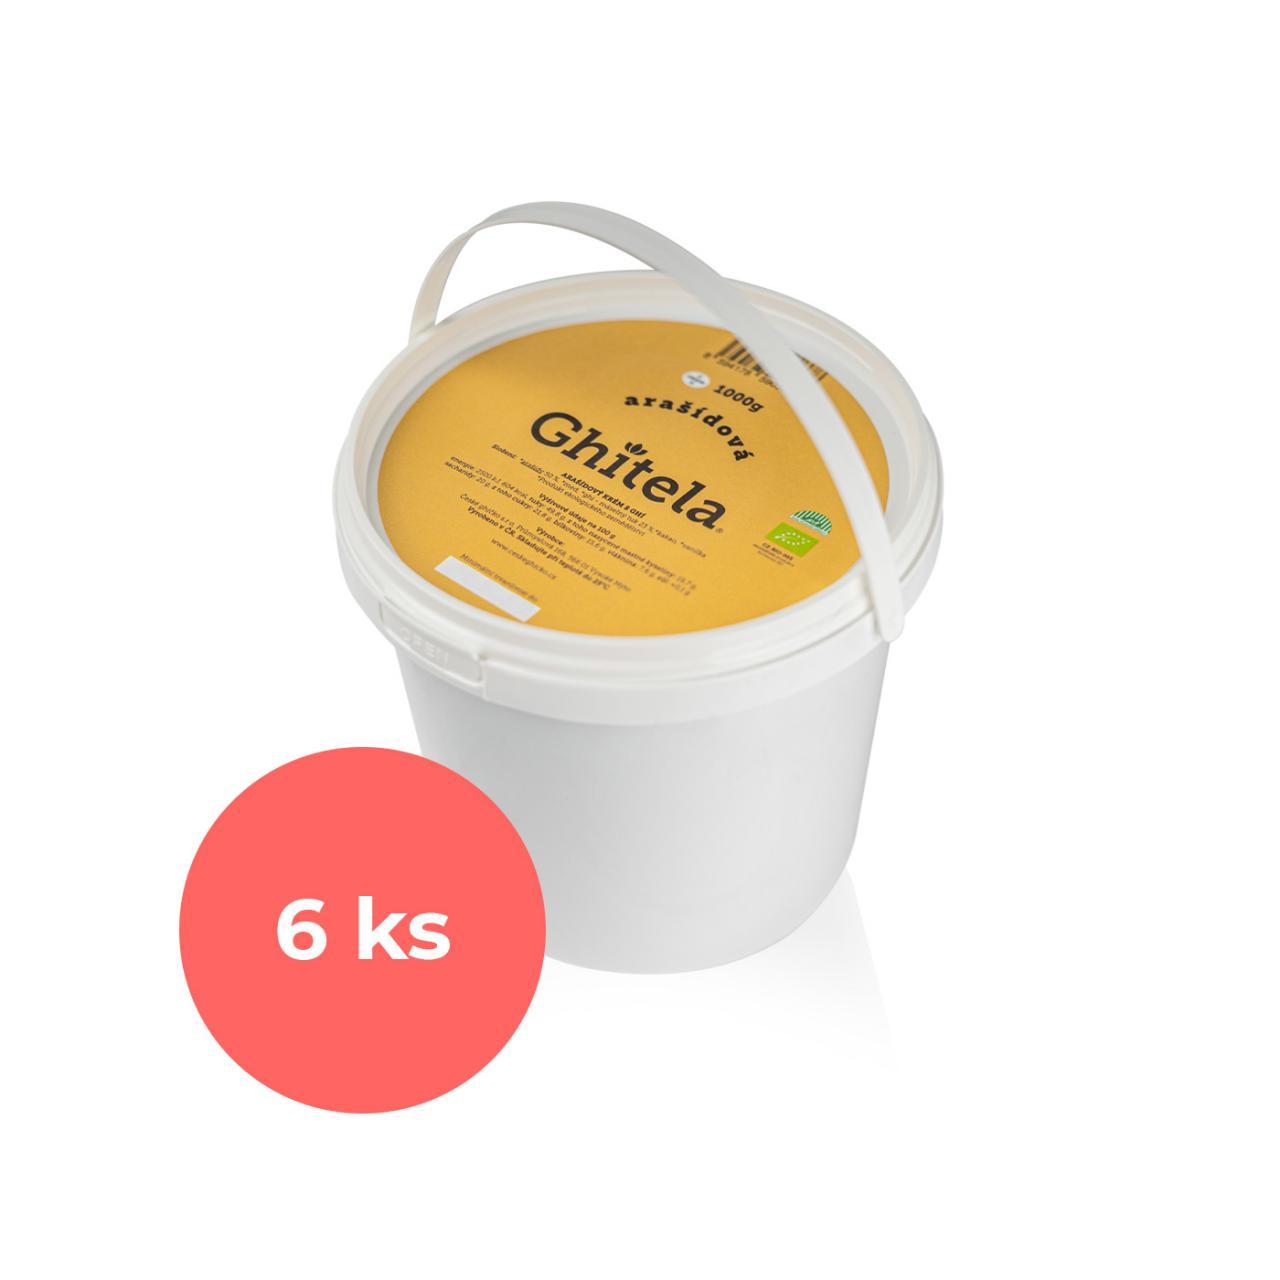 Ghitela® 1000g arašídová BIO - karton 6ks